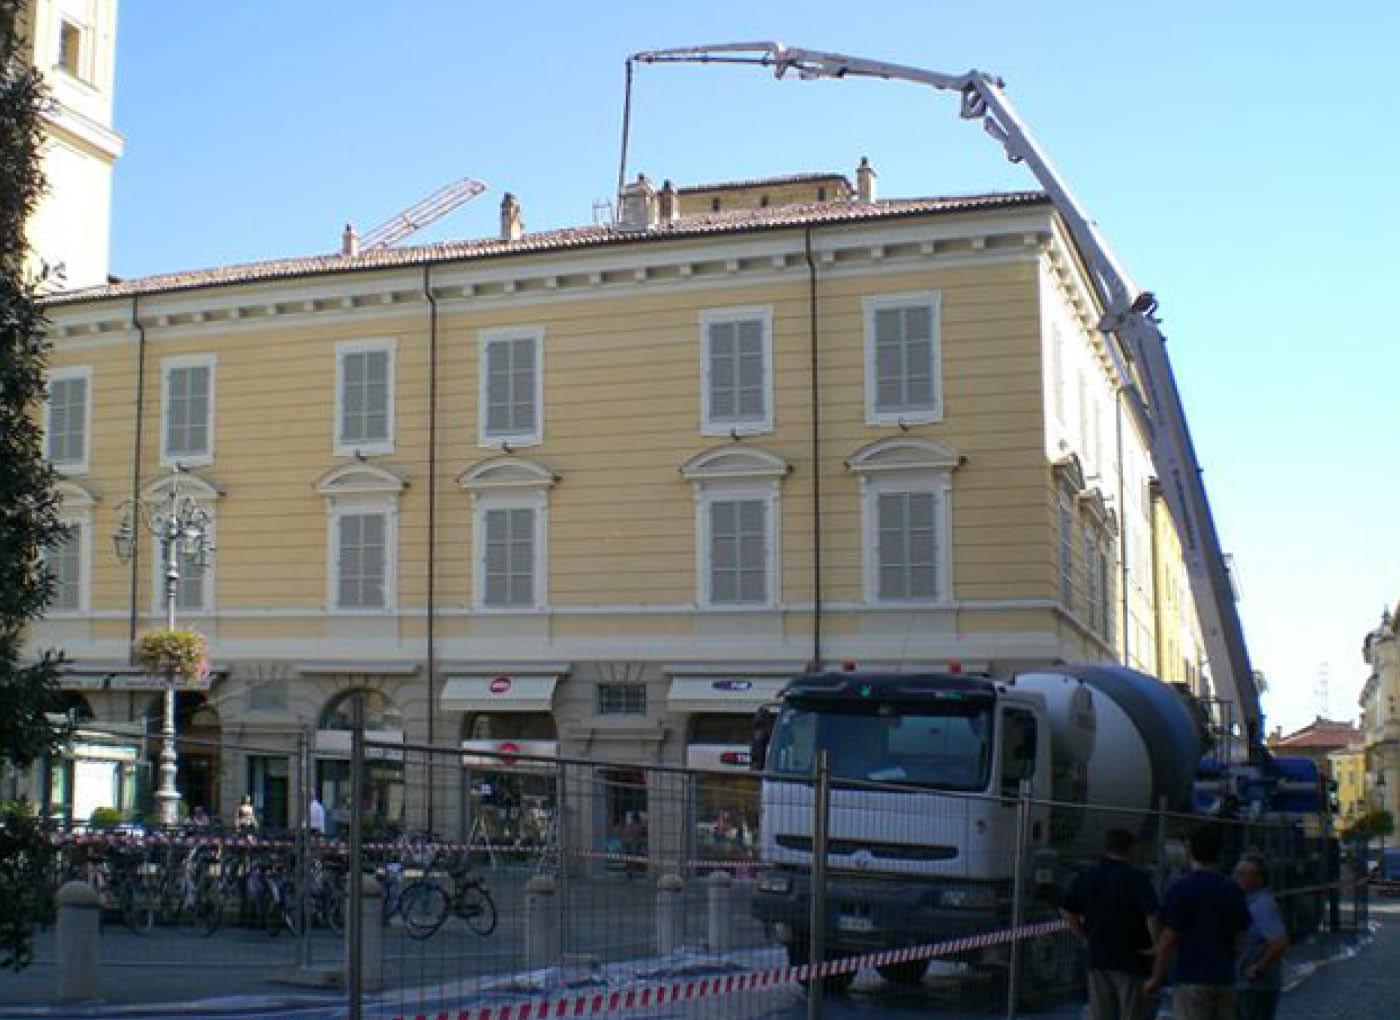 palazzo-governatore-parma-calcestruzzo-leggero-strutturale-2